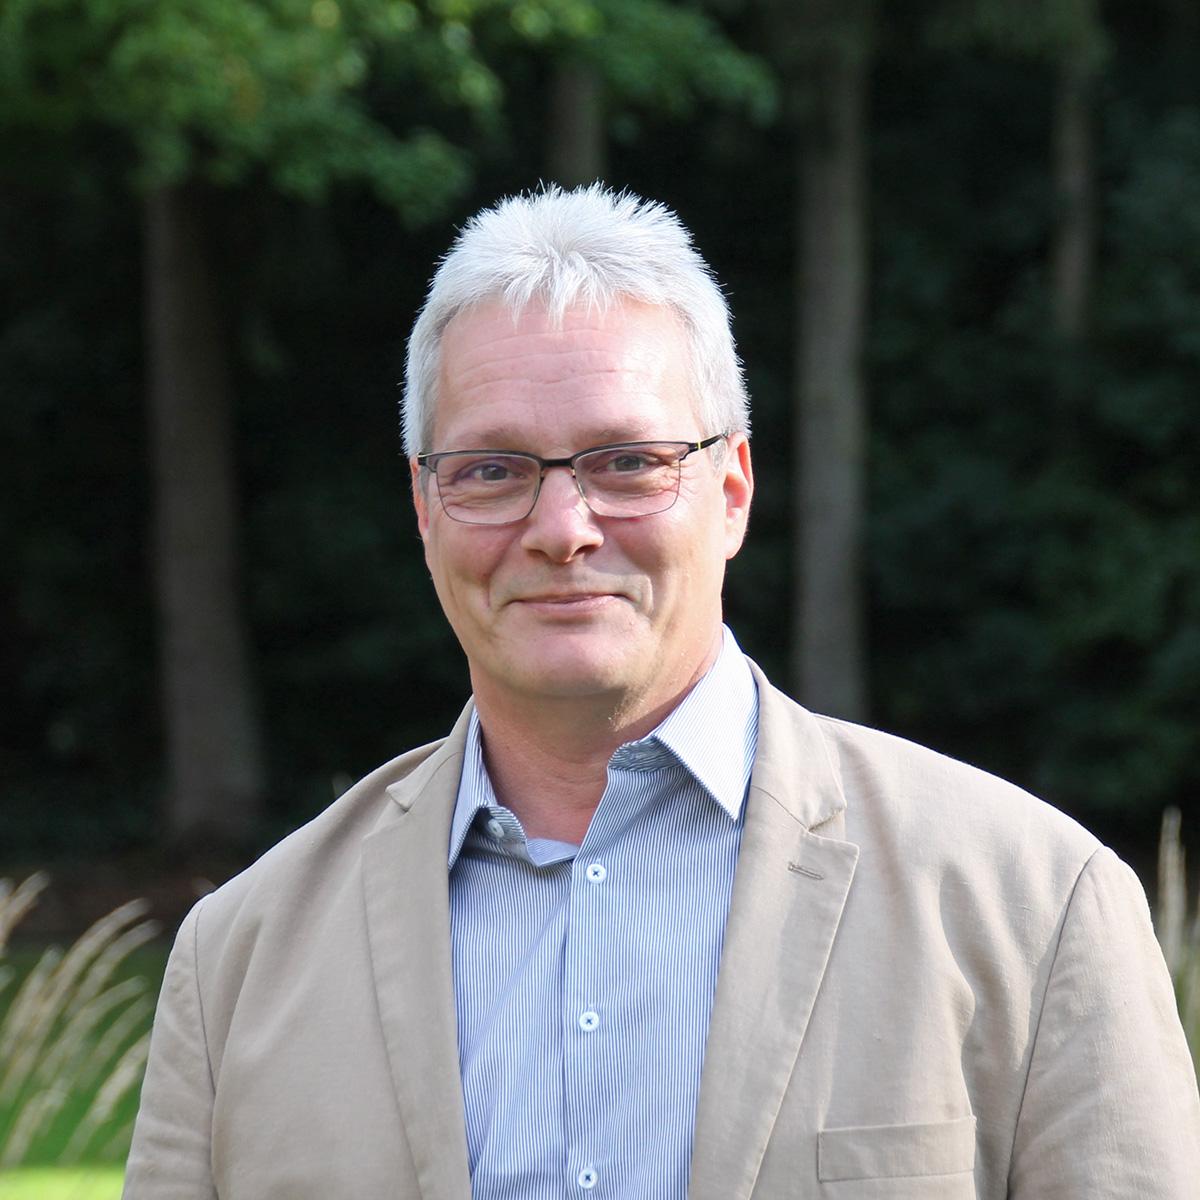 Markus Kania